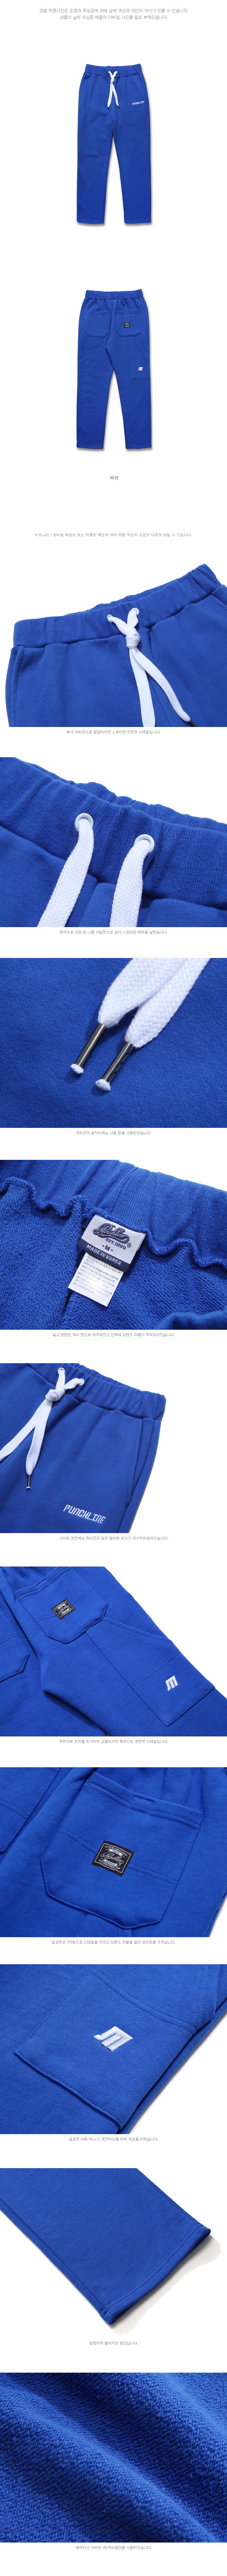 KHLP6113_detail_blue.jpg